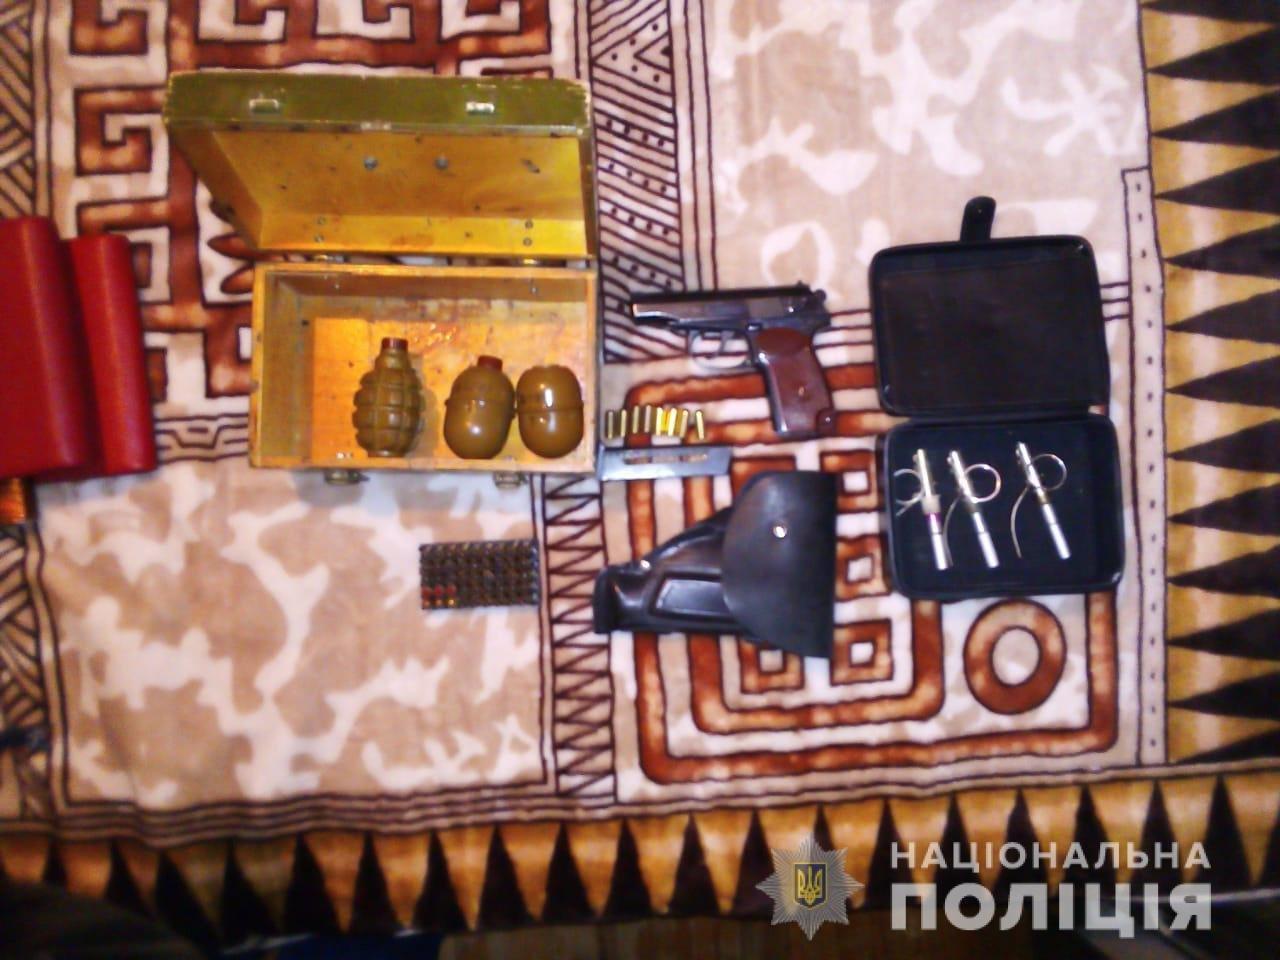 В Днепре задержали серийных карманников, - ФОТО, ВИДЕО, фото-1